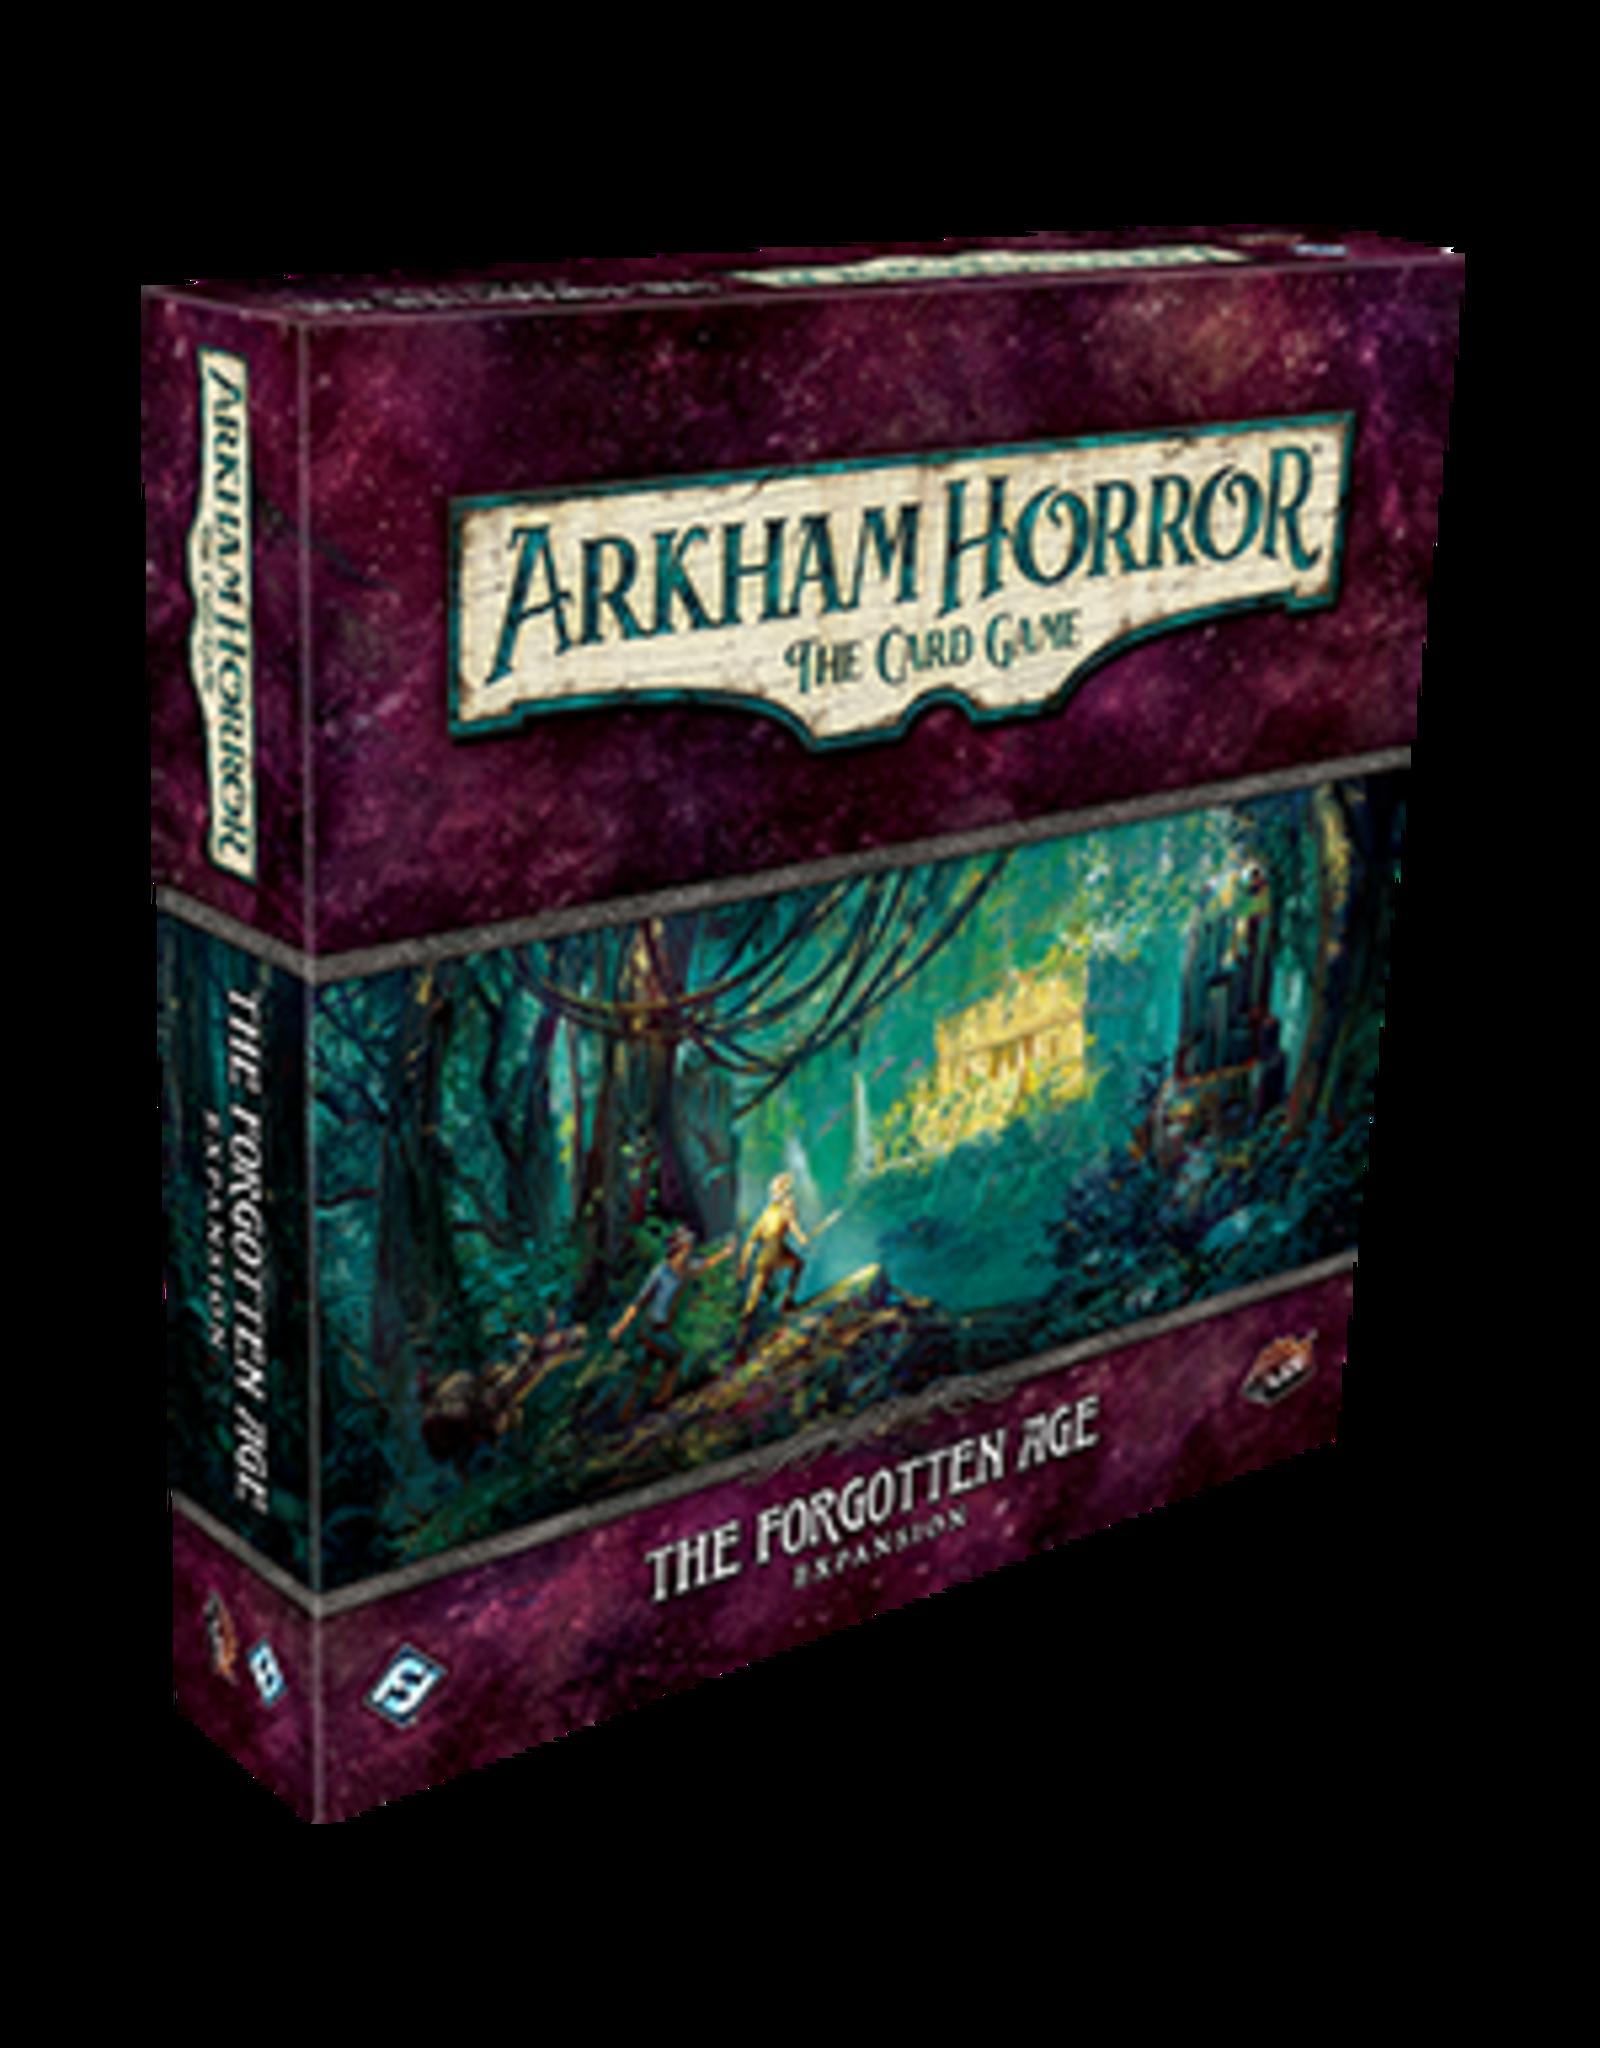 Fantasy Flight Games Arkham Horror LCG Forgotten Age Expansion